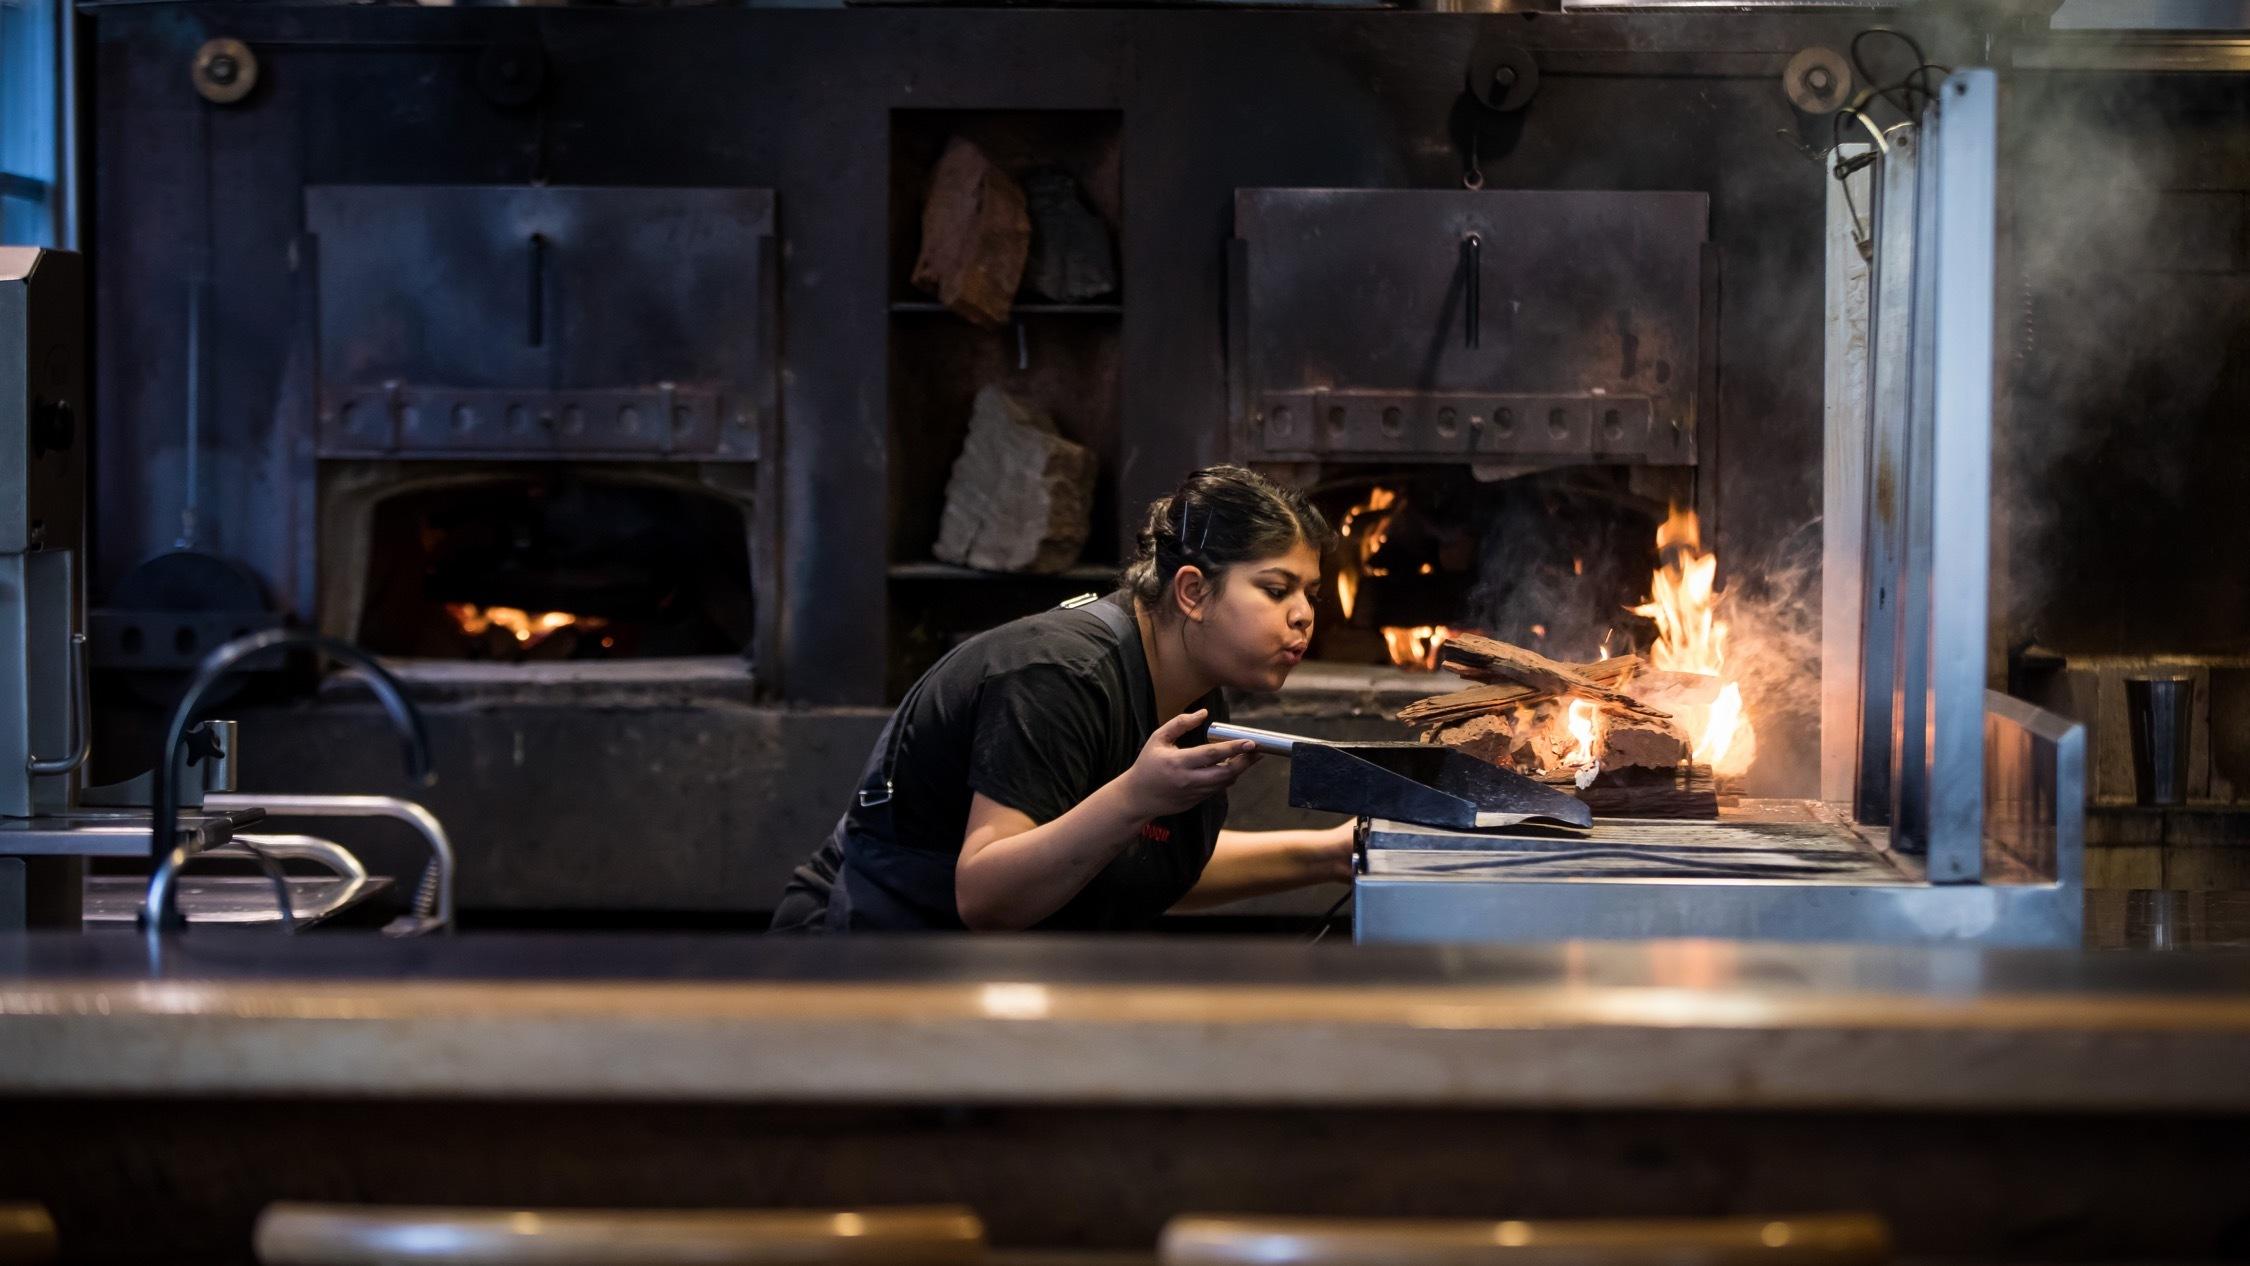 Ahana Dutt at Firedoor